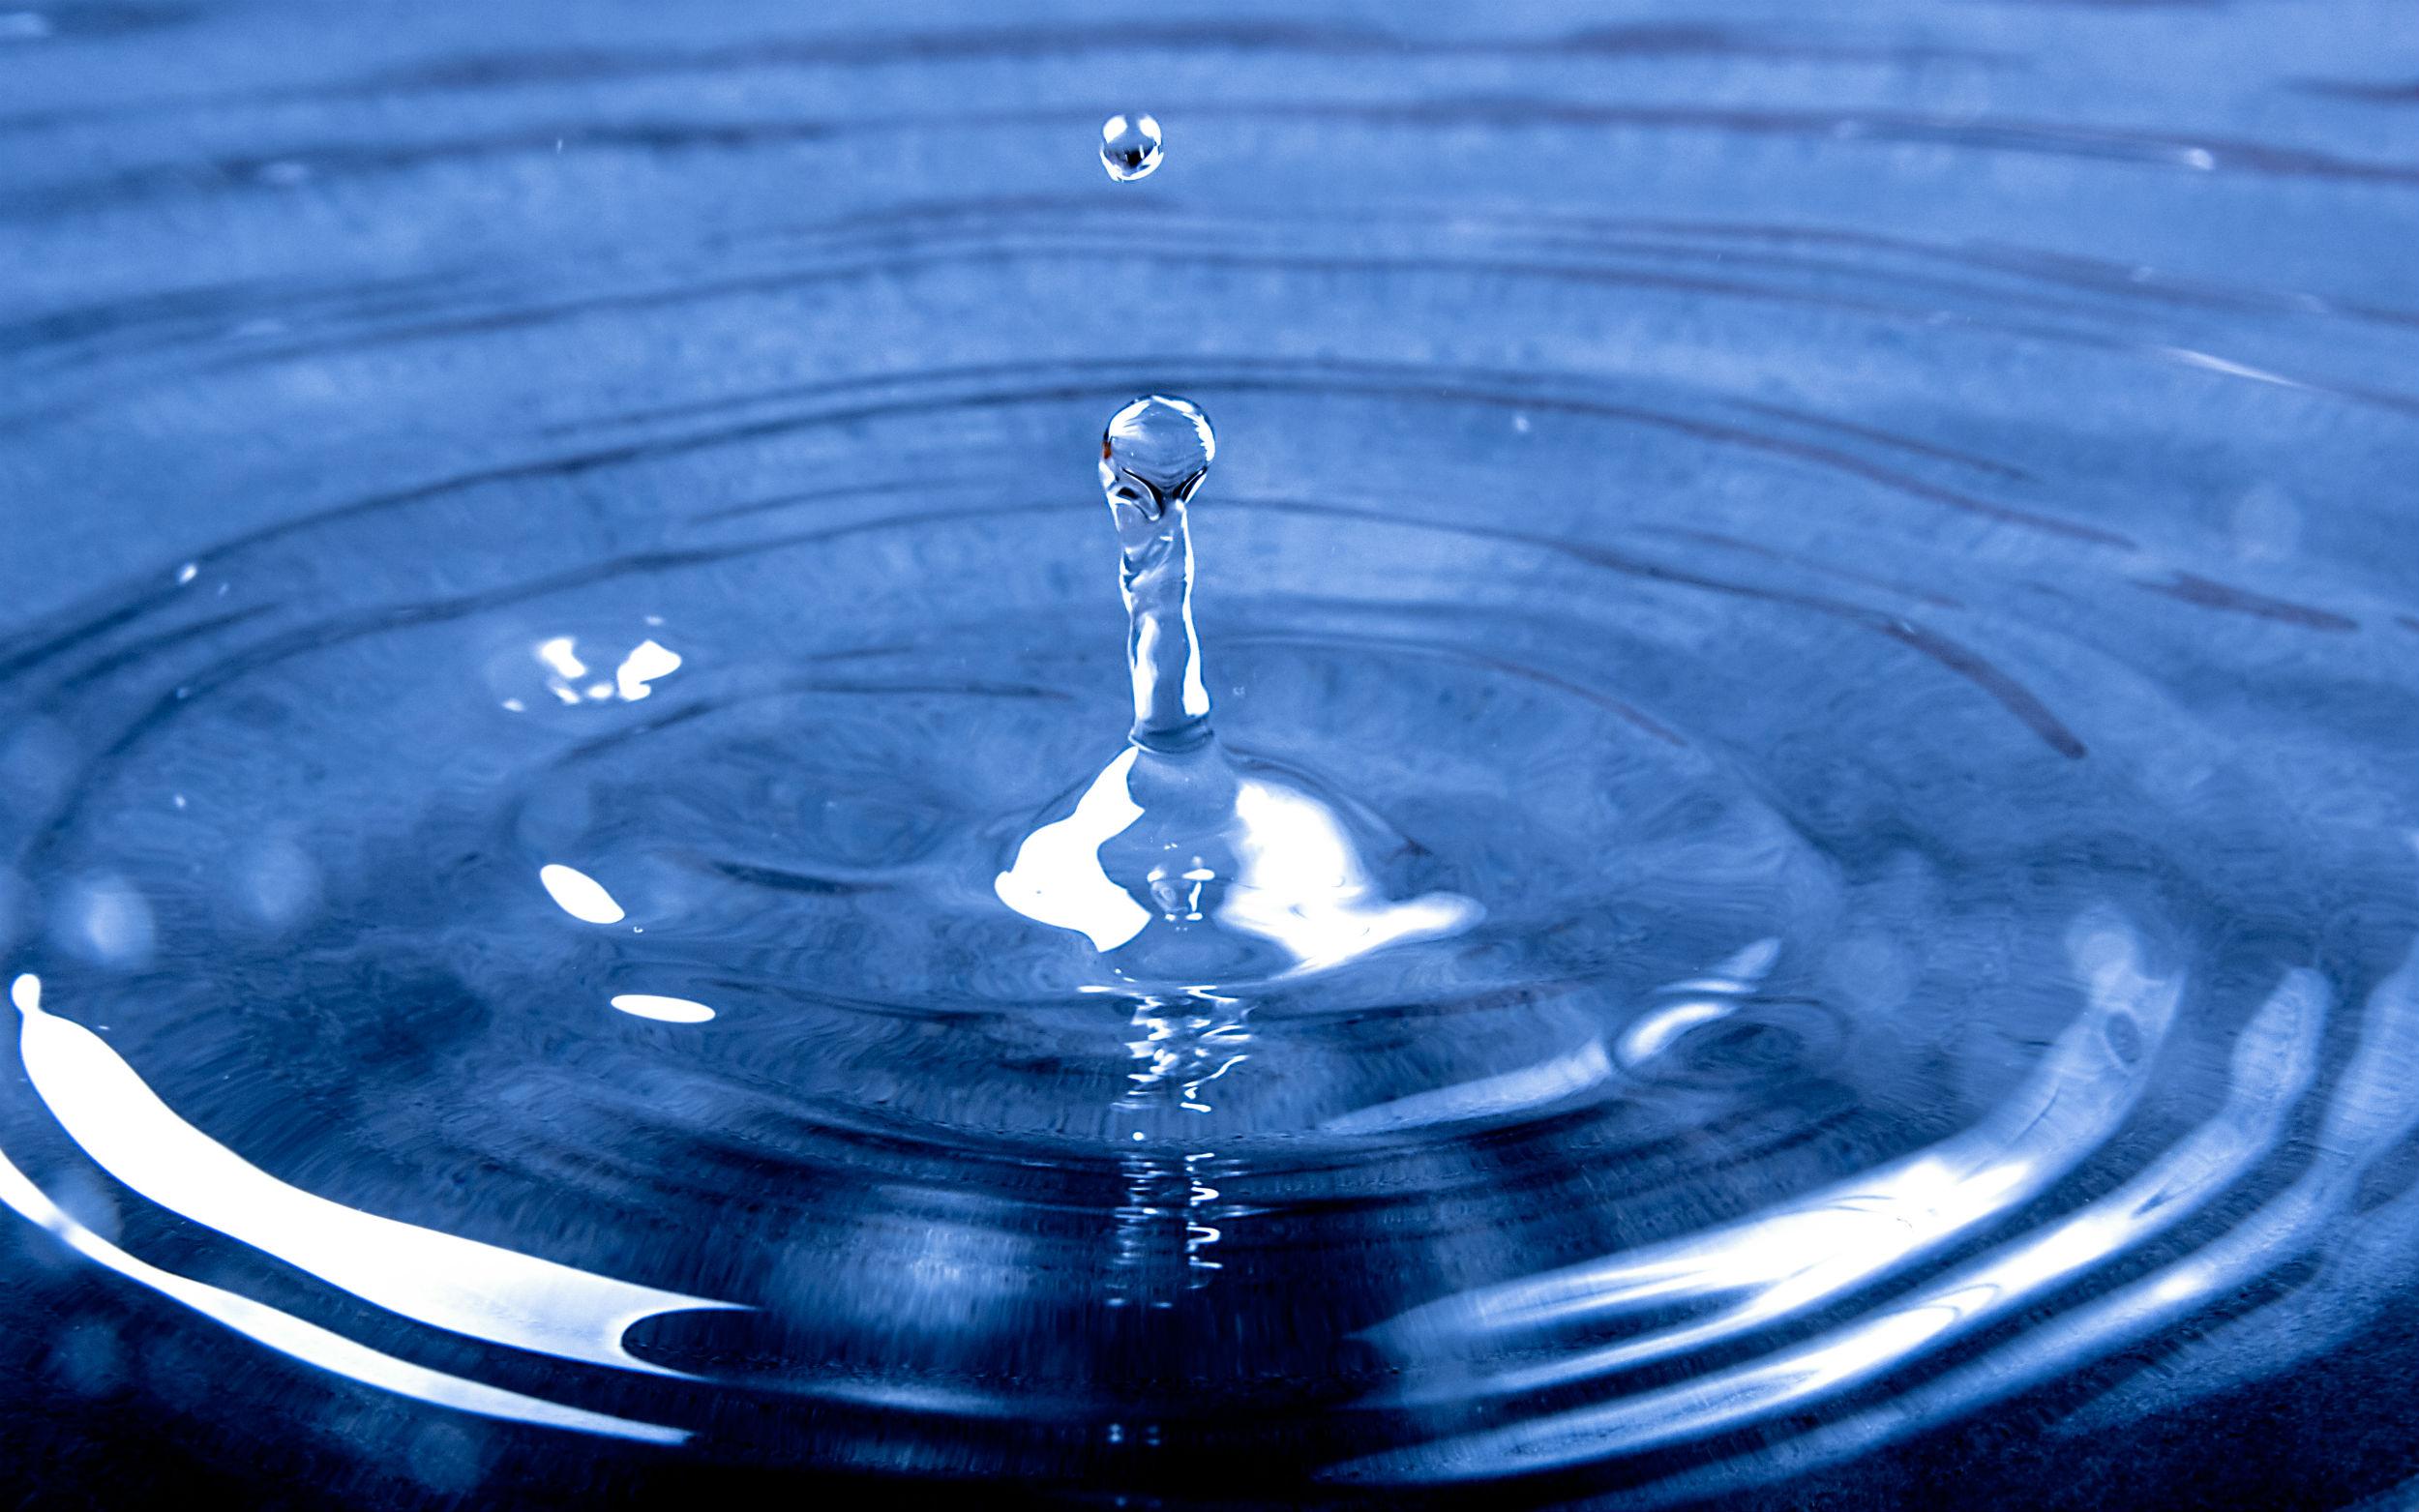 Gift i drikkevandet: 3 ubehagelige fund